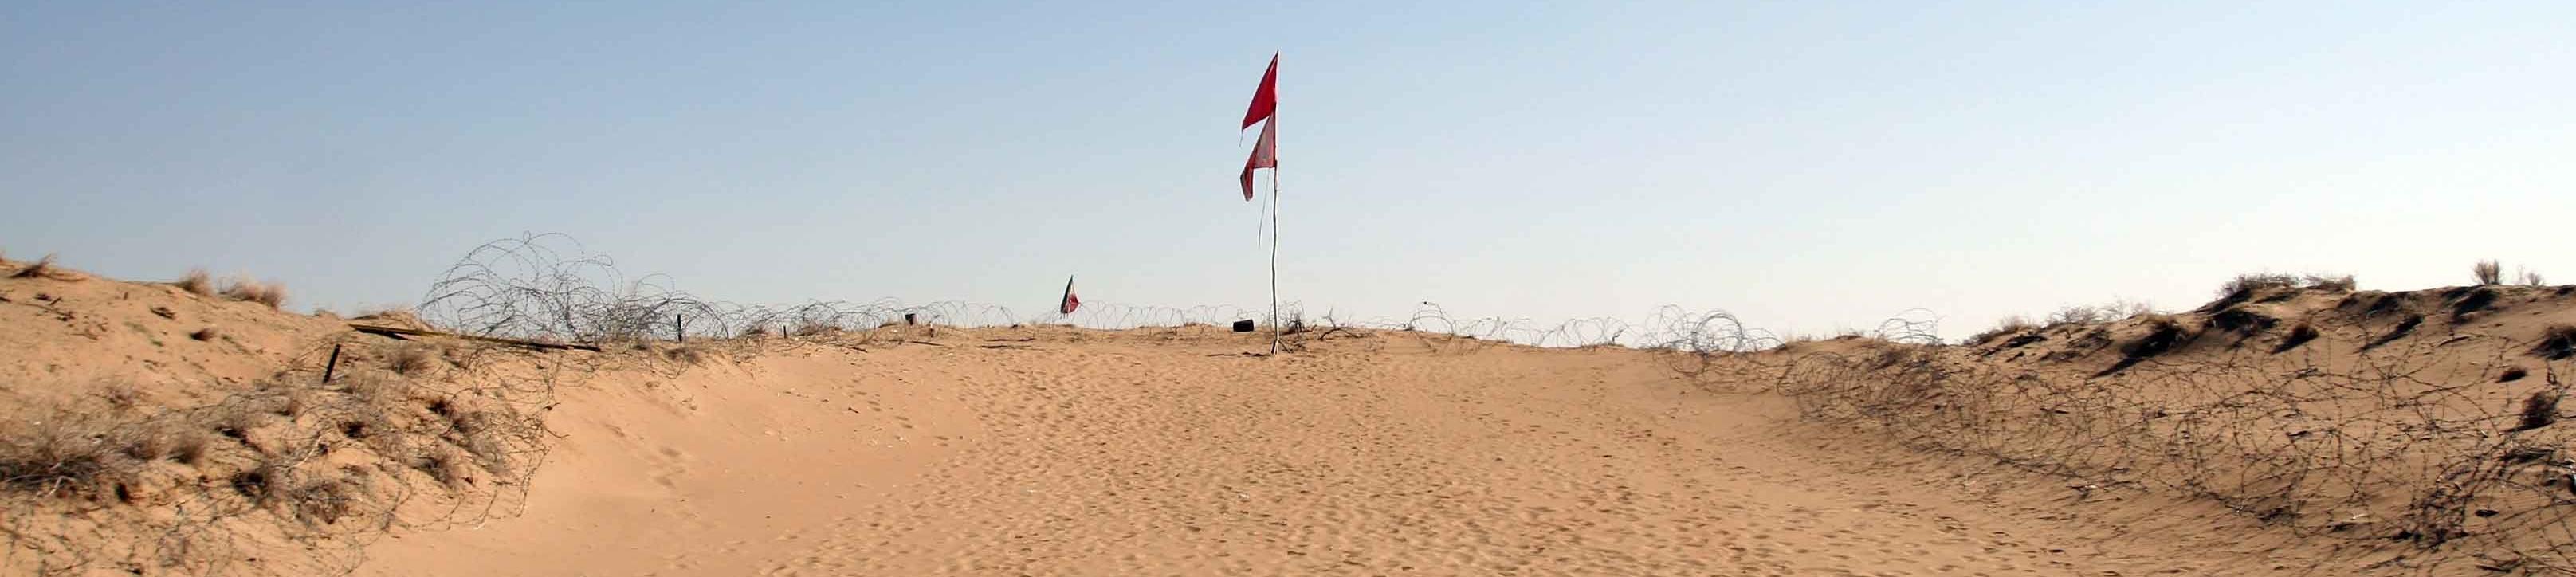 عکس قتلگاه فکه برای زمینه رادیو ایثار